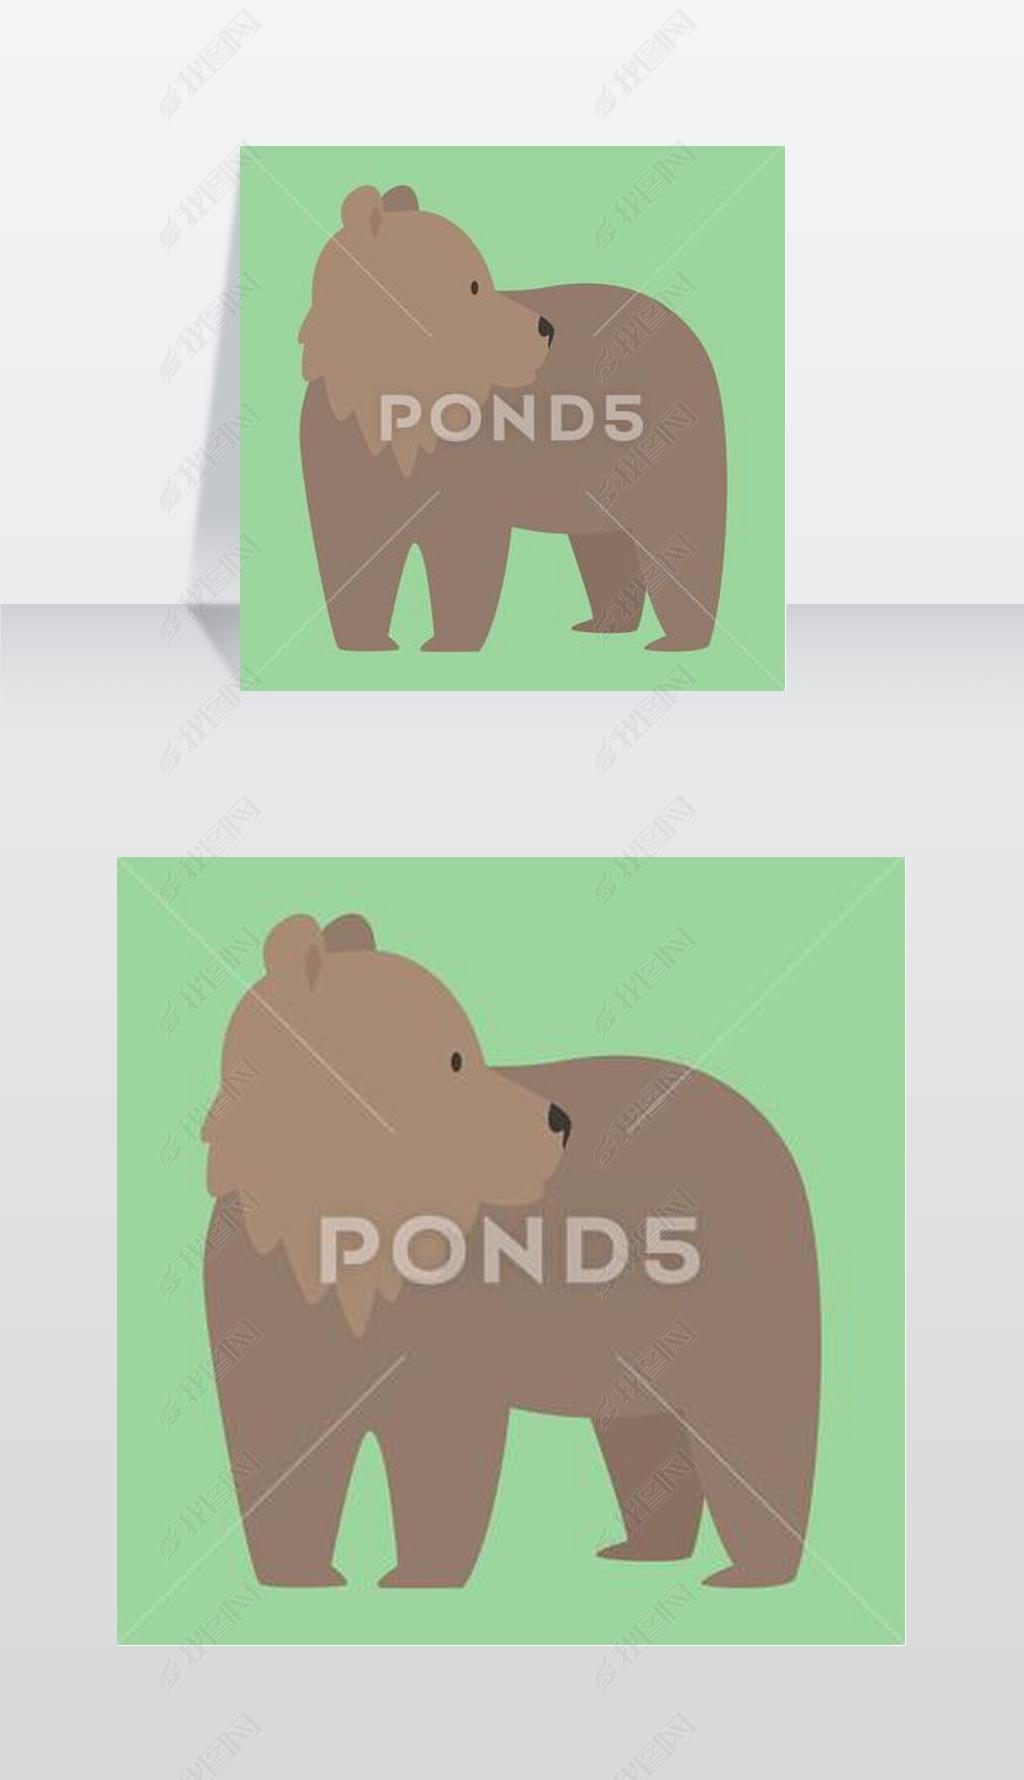 插画棕熊搞笑快乐动物卡通食肉动物可爱人物插